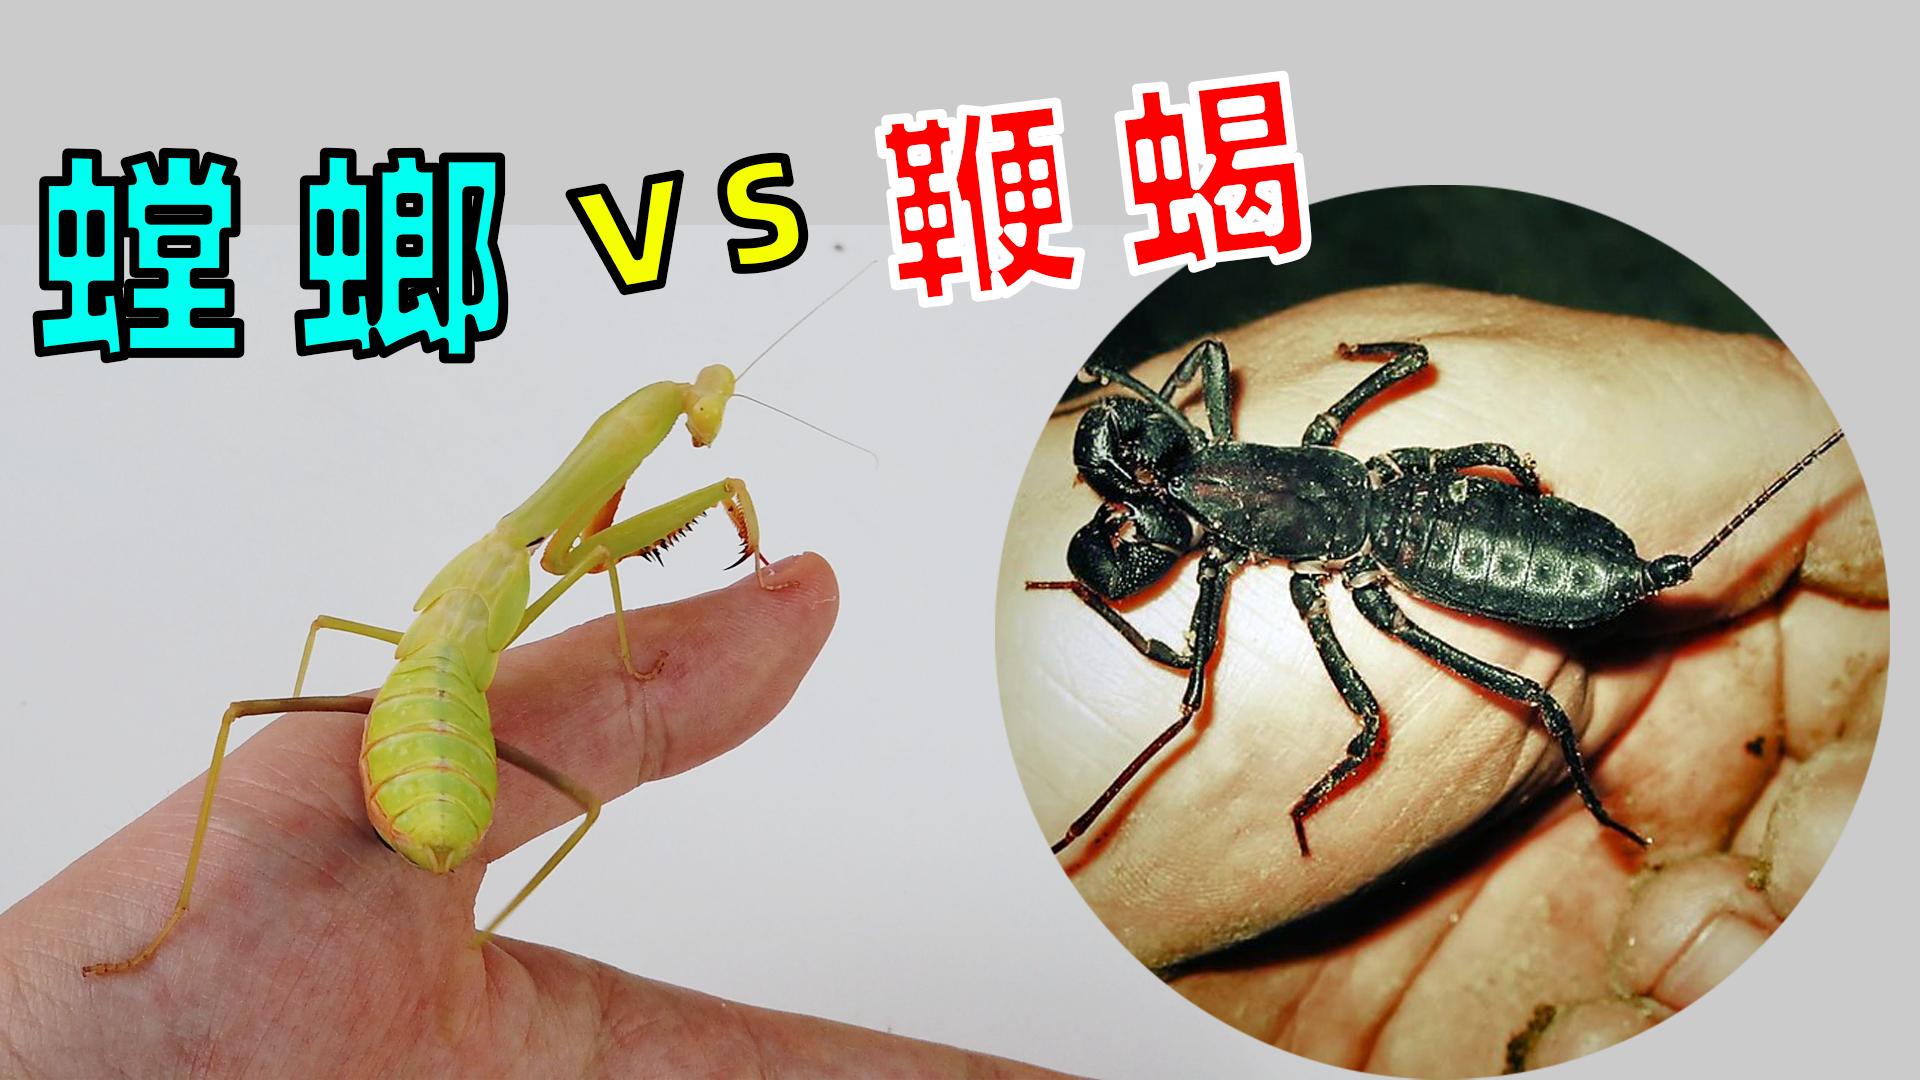 螳螂VS鞭蝎,战斗力太强了!